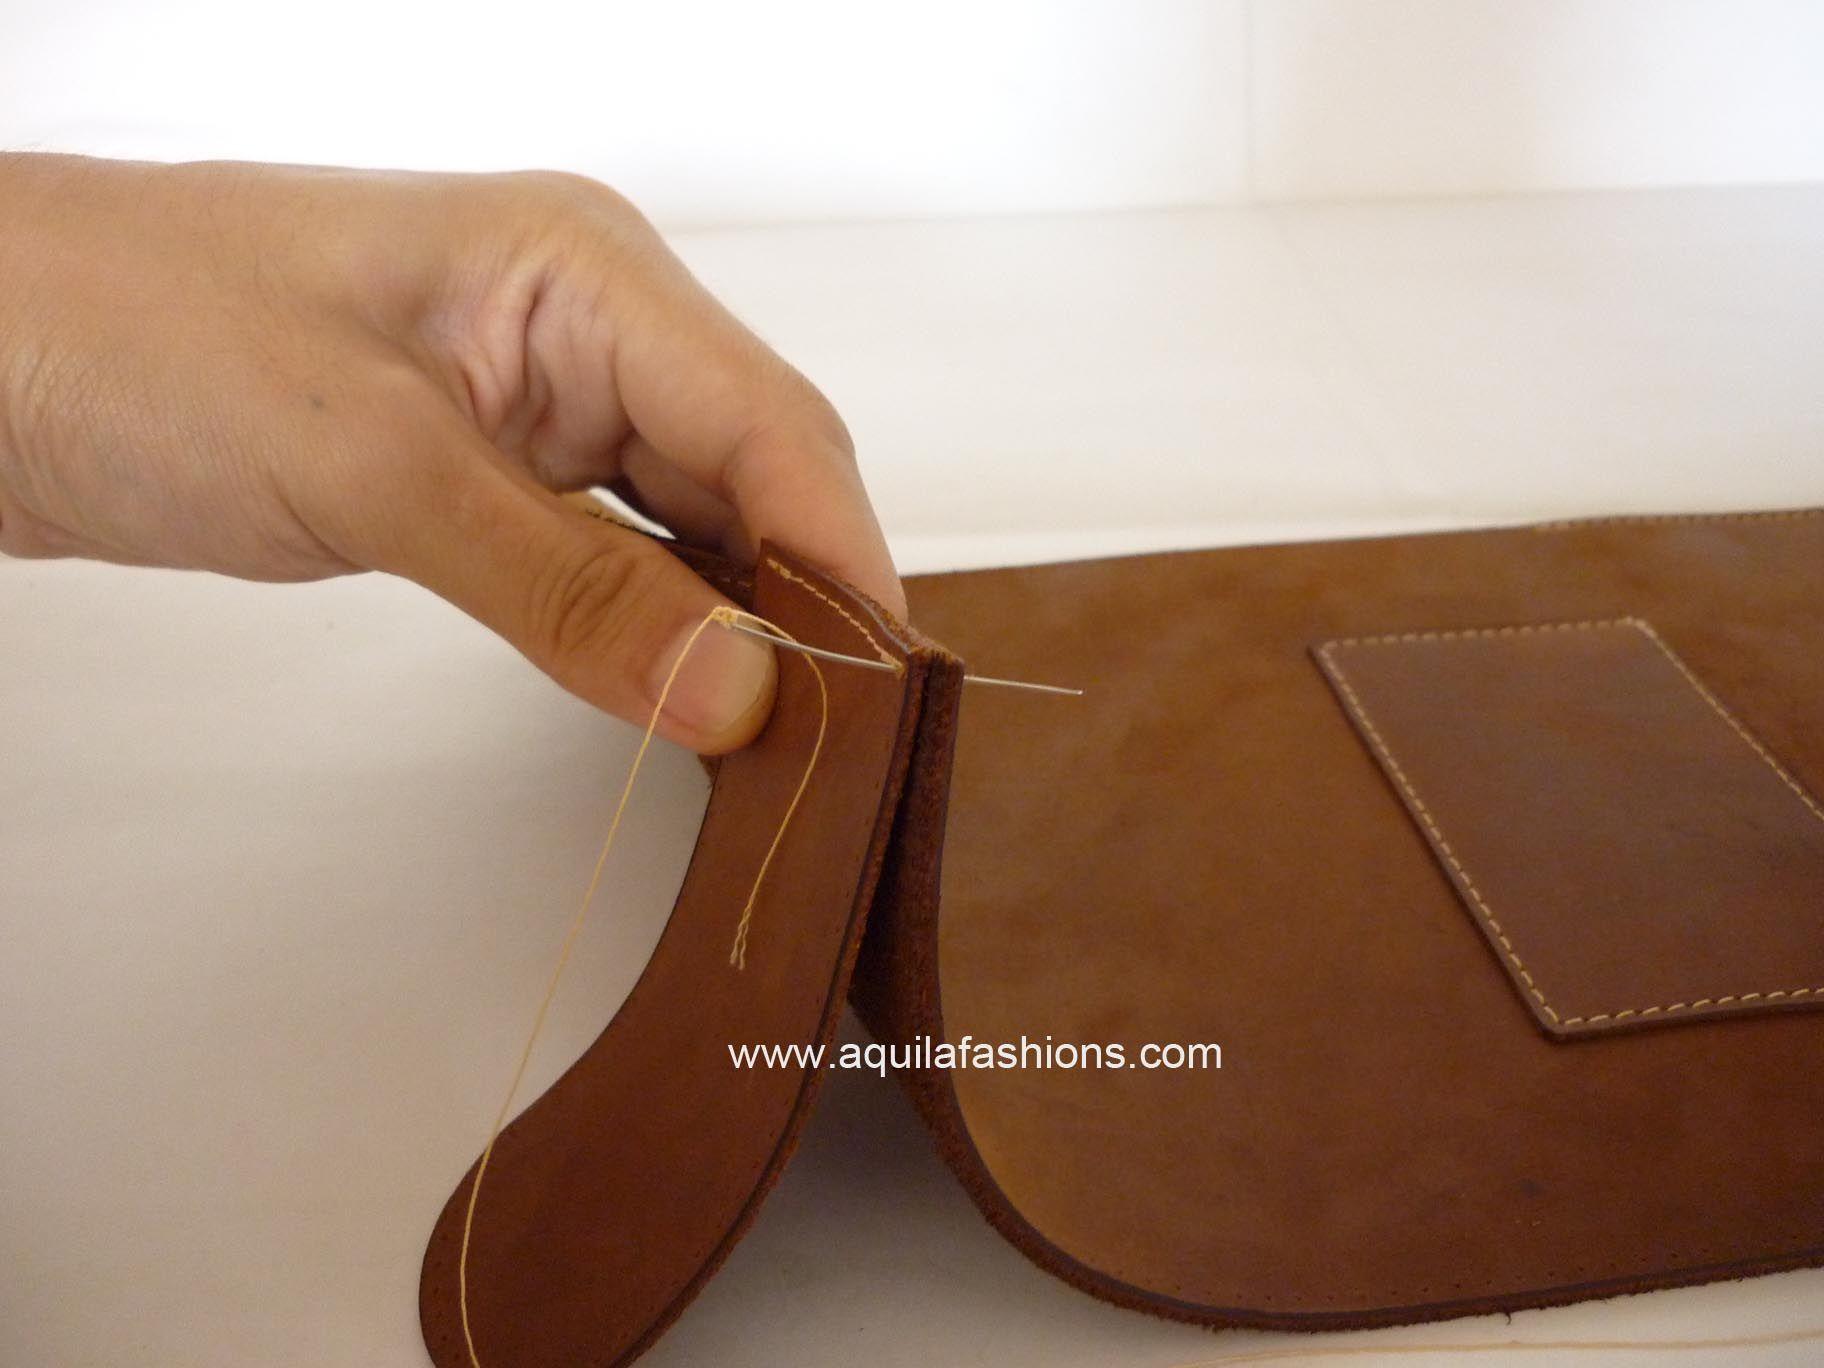 Diy Your Own Bag Kit Mens Leather Bag Diy Leather Laptop Bag